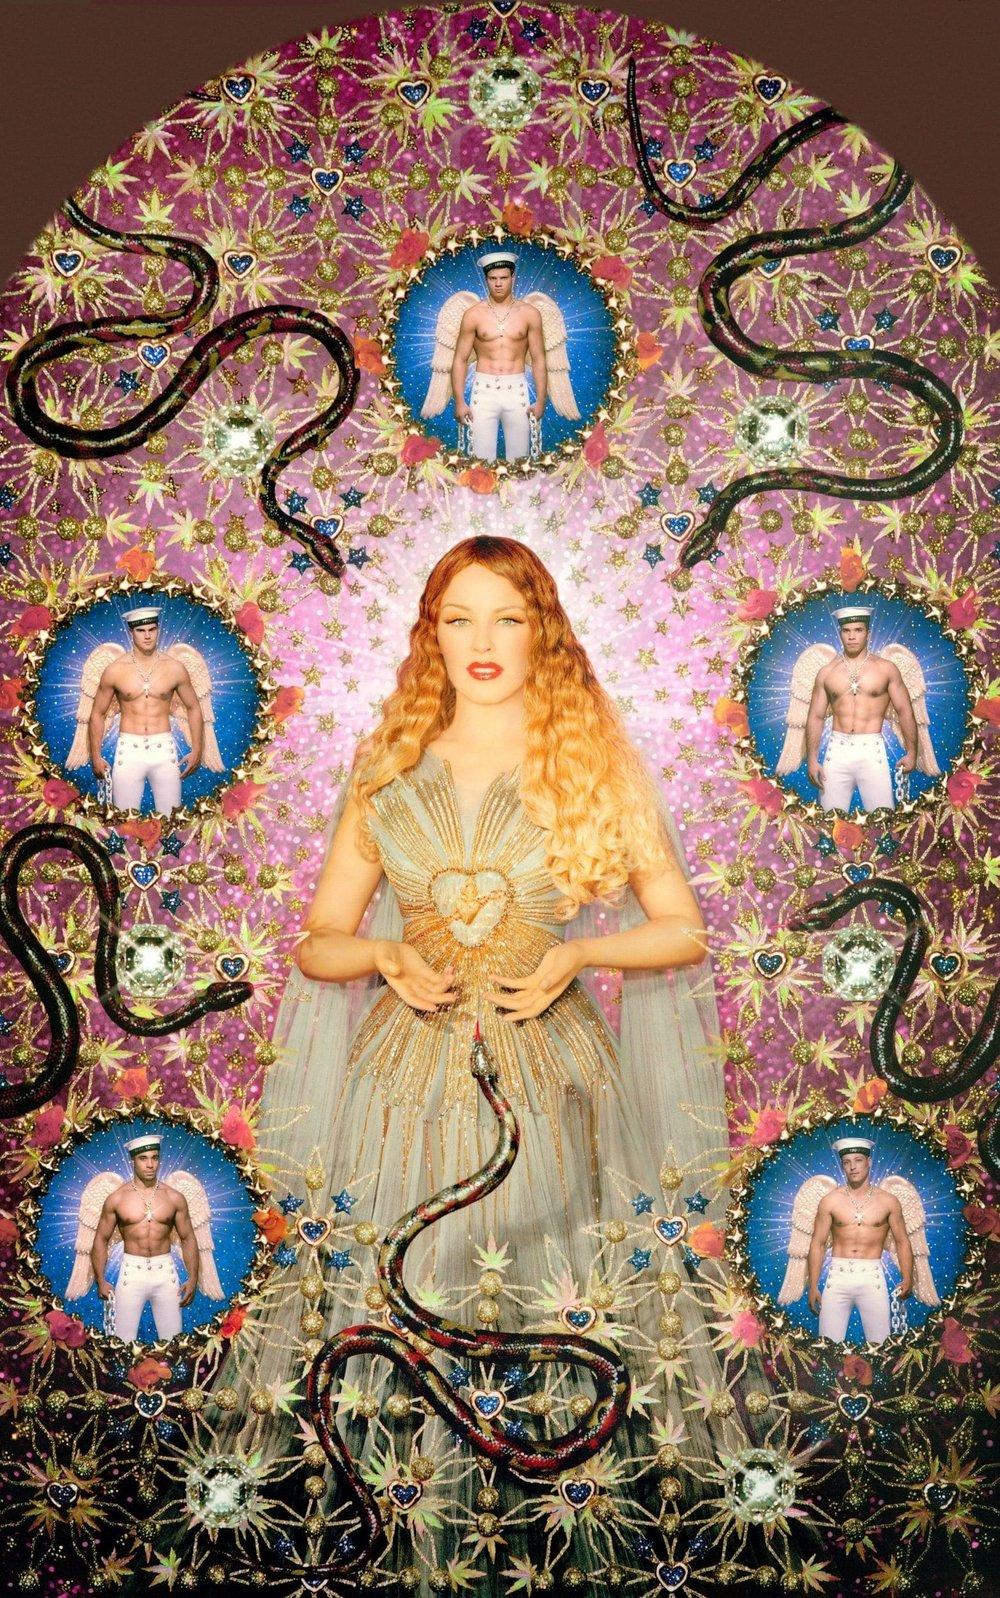 """Pierre et Gilles' """"La Vierge aux Serpent"""" with Kylie Minogue wearing Jean Paul Gaultier, 2008."""